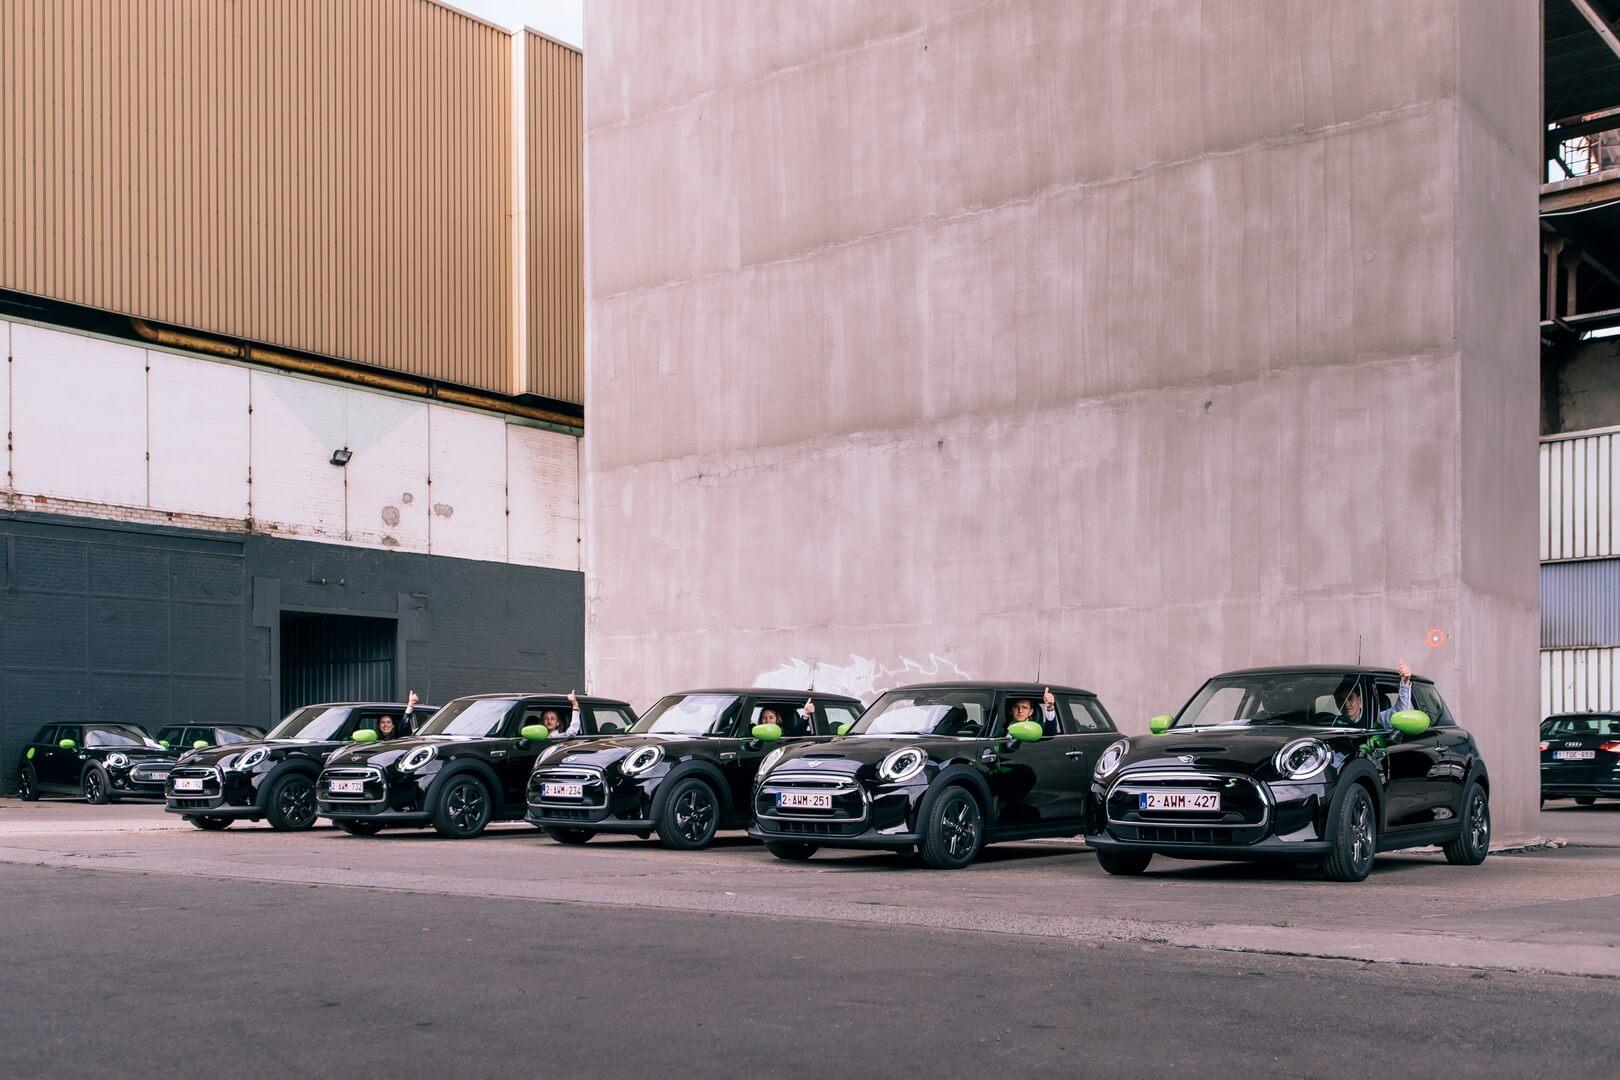 В автопарке «Deloitte» теперь будет эксплуатироваться 240 автомобилей MINI Electric